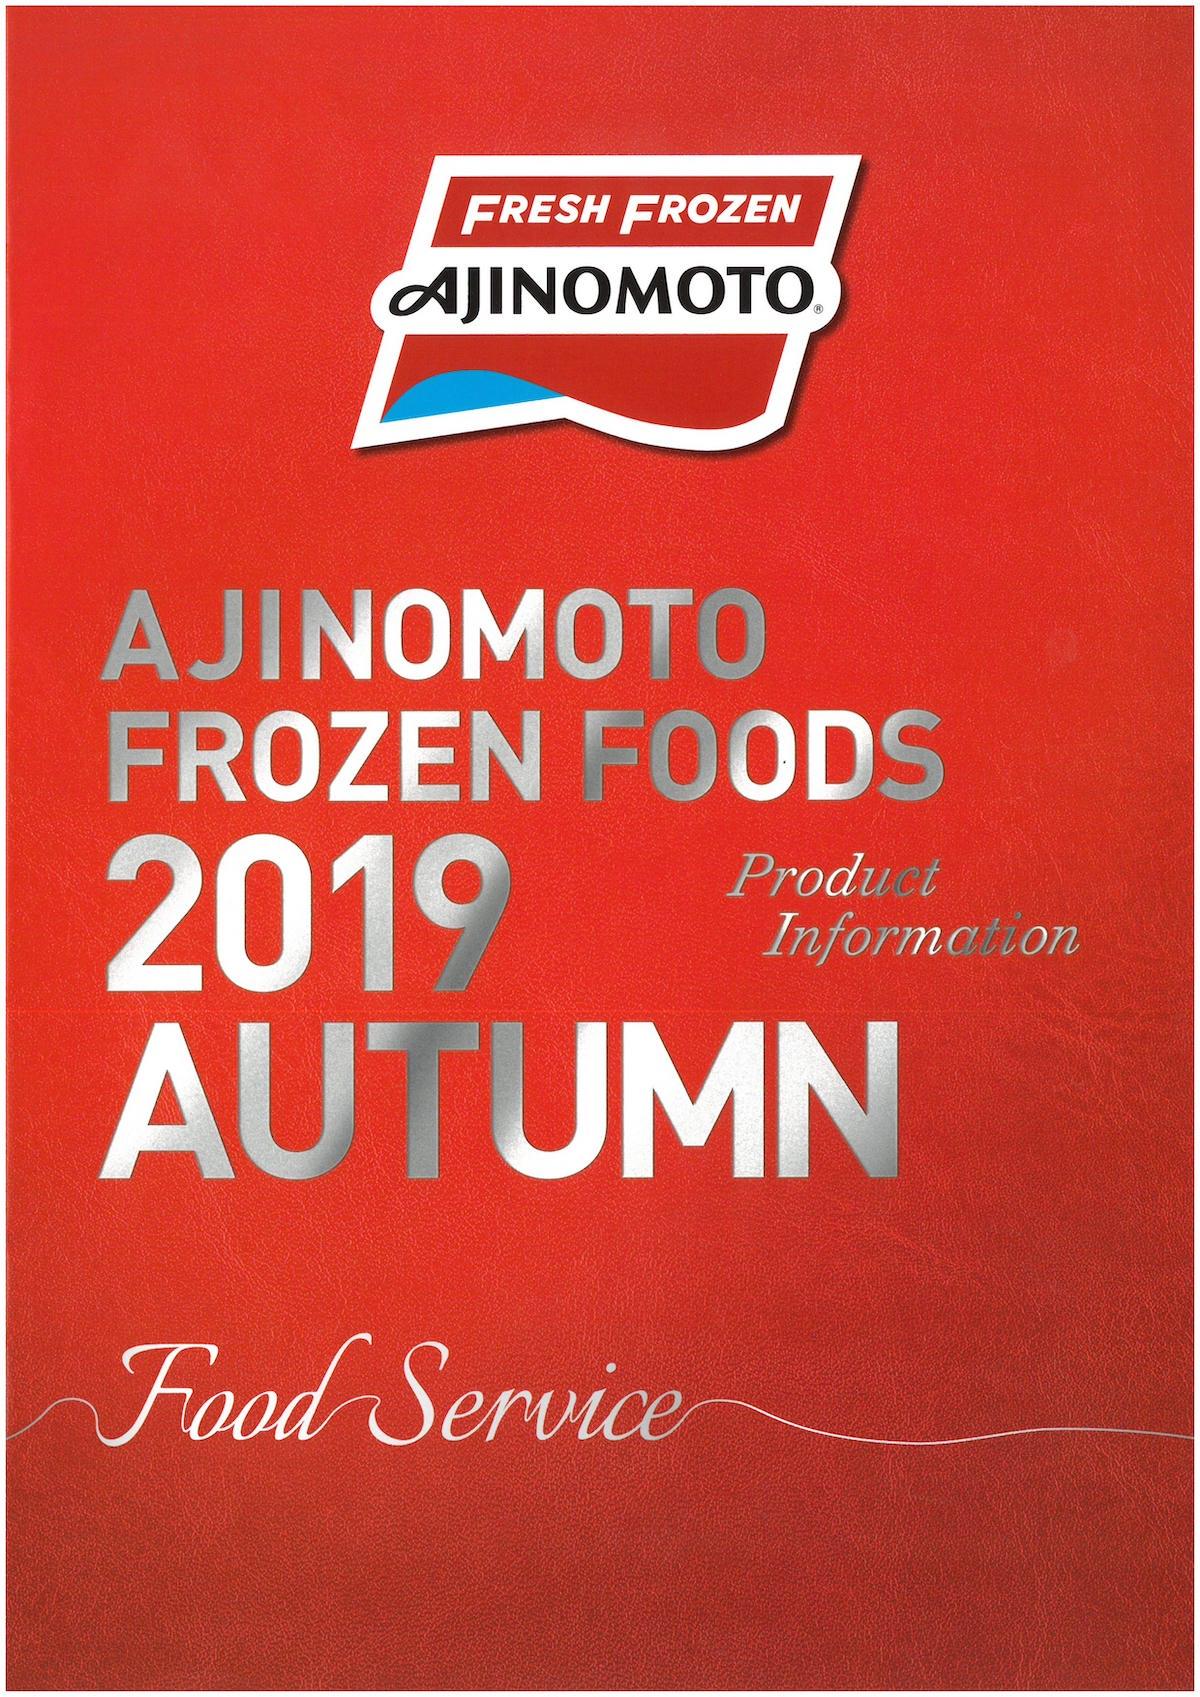 味の素冷凍食品 2019秋季 新製品のご案内 FRESH FROZEN AJINOMOTO 2019Autumn